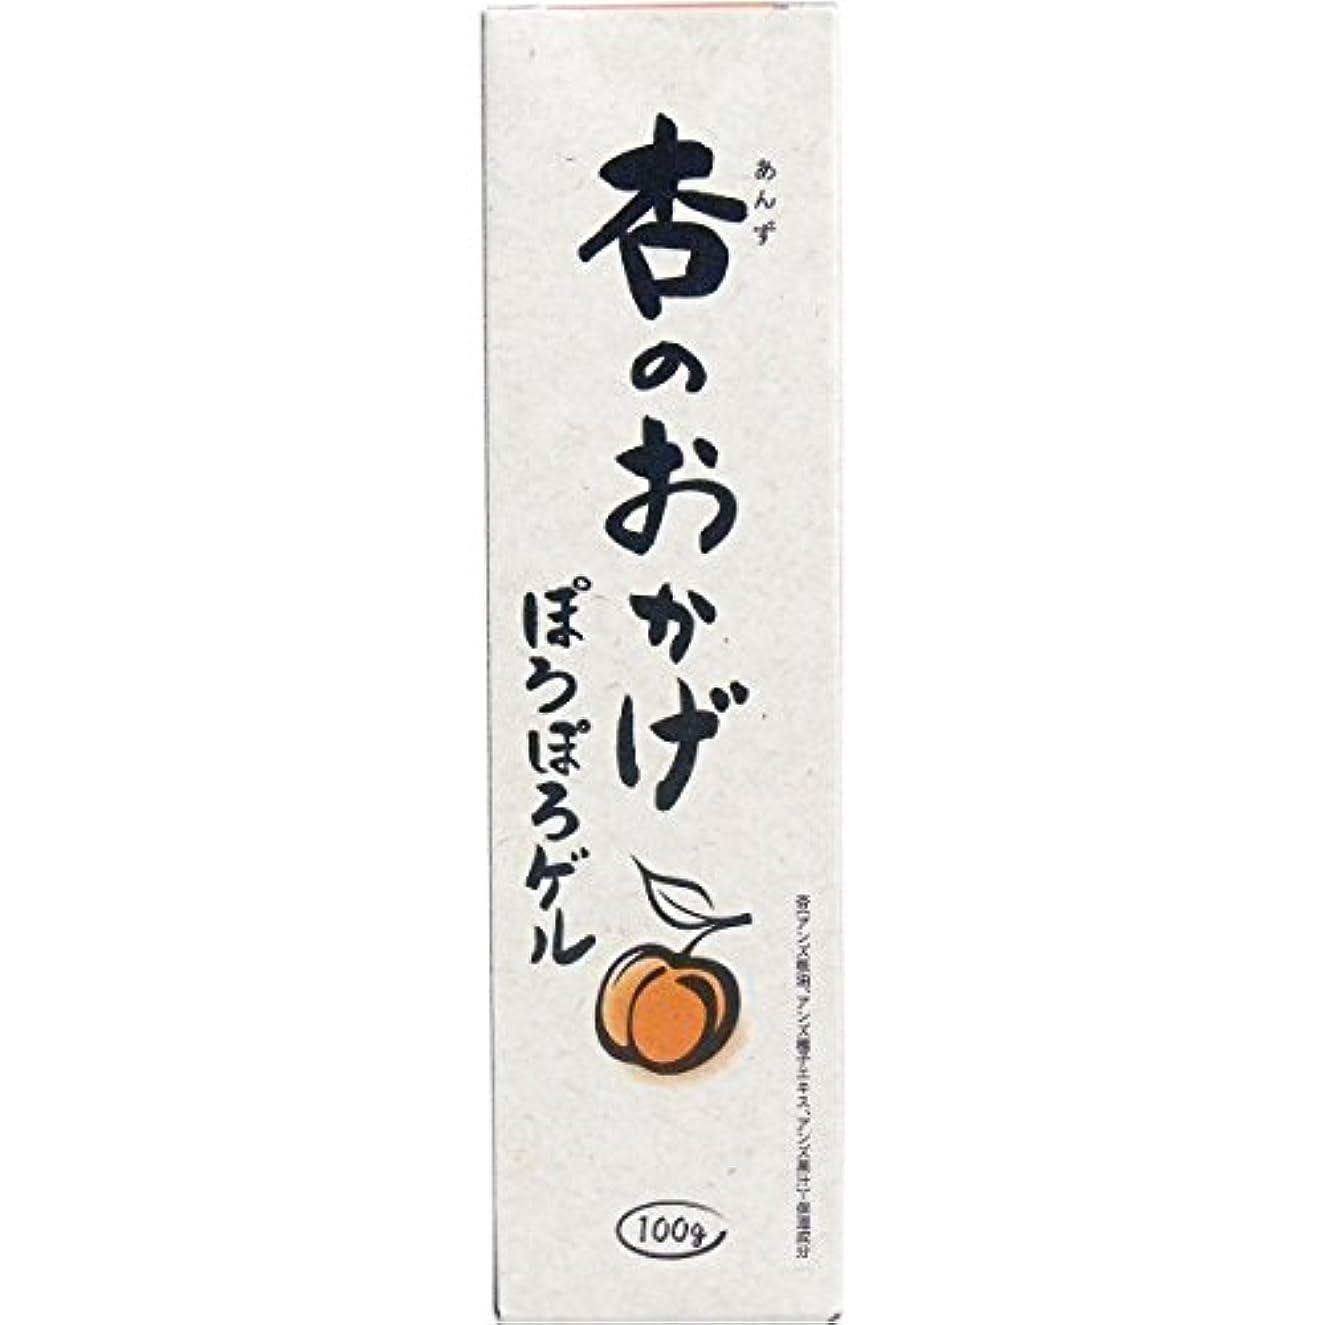 マージン事故祭り杏のおかげ ぽろぽろゲル 100g